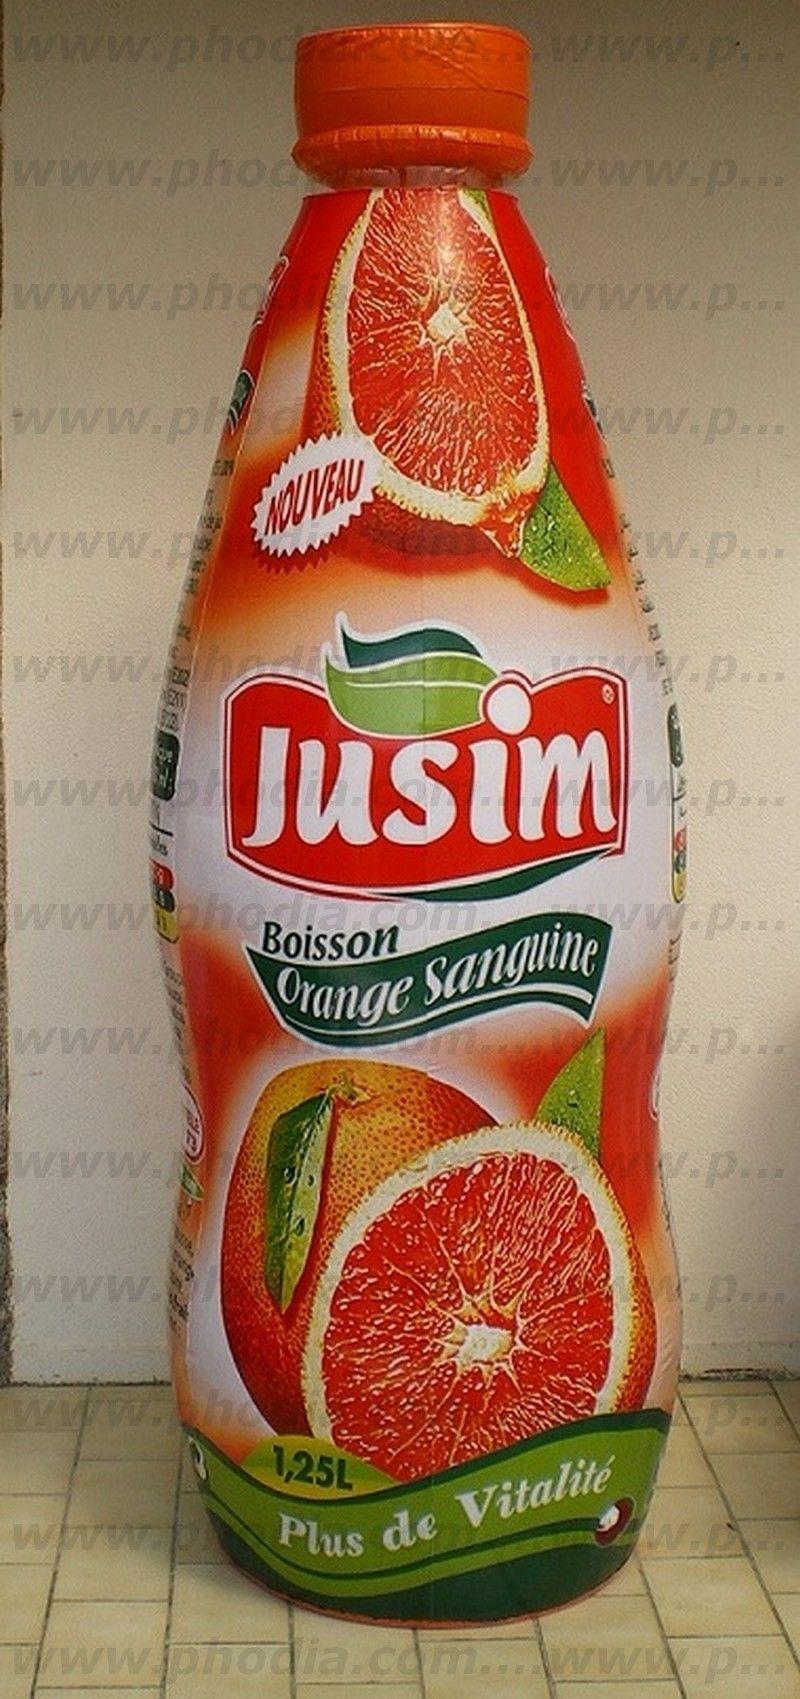 Boisson orange sanguine publicitaire pour promotion des ventes